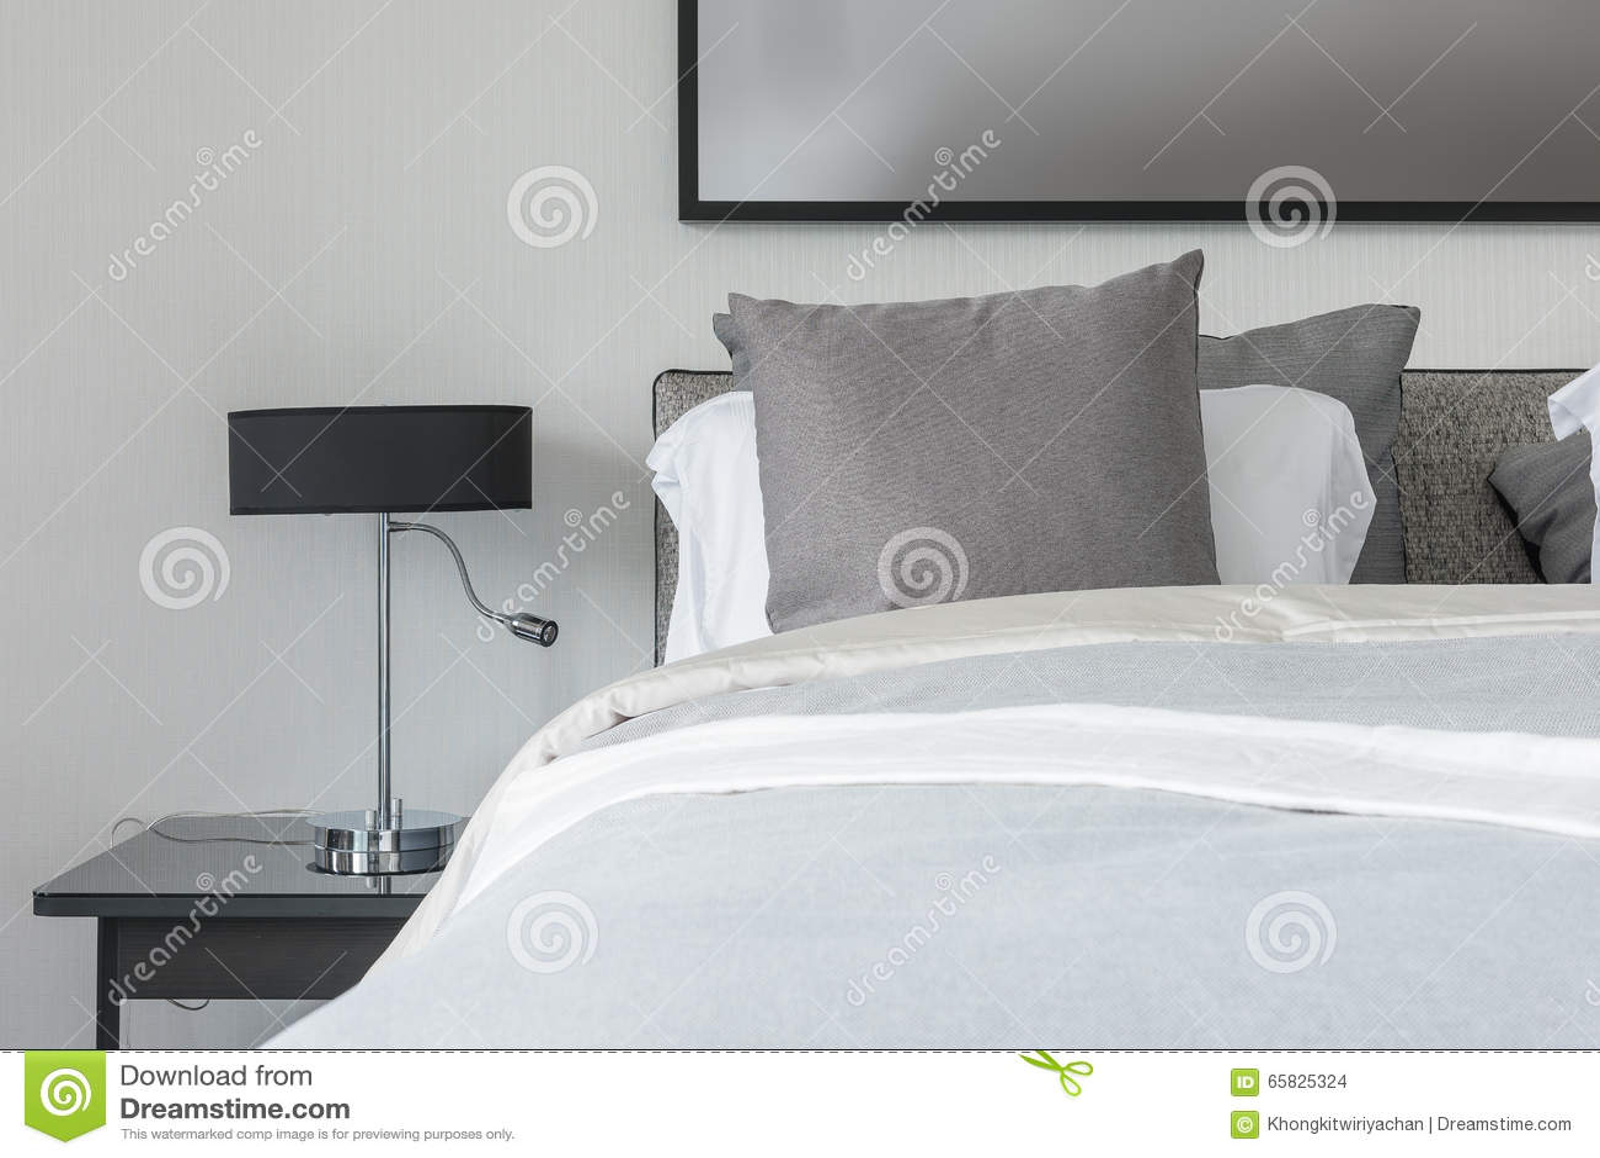 Grijs Hoofdkussen Op Wit Bed In Moderne Slaapkamer Met Zwarte Lamp ...